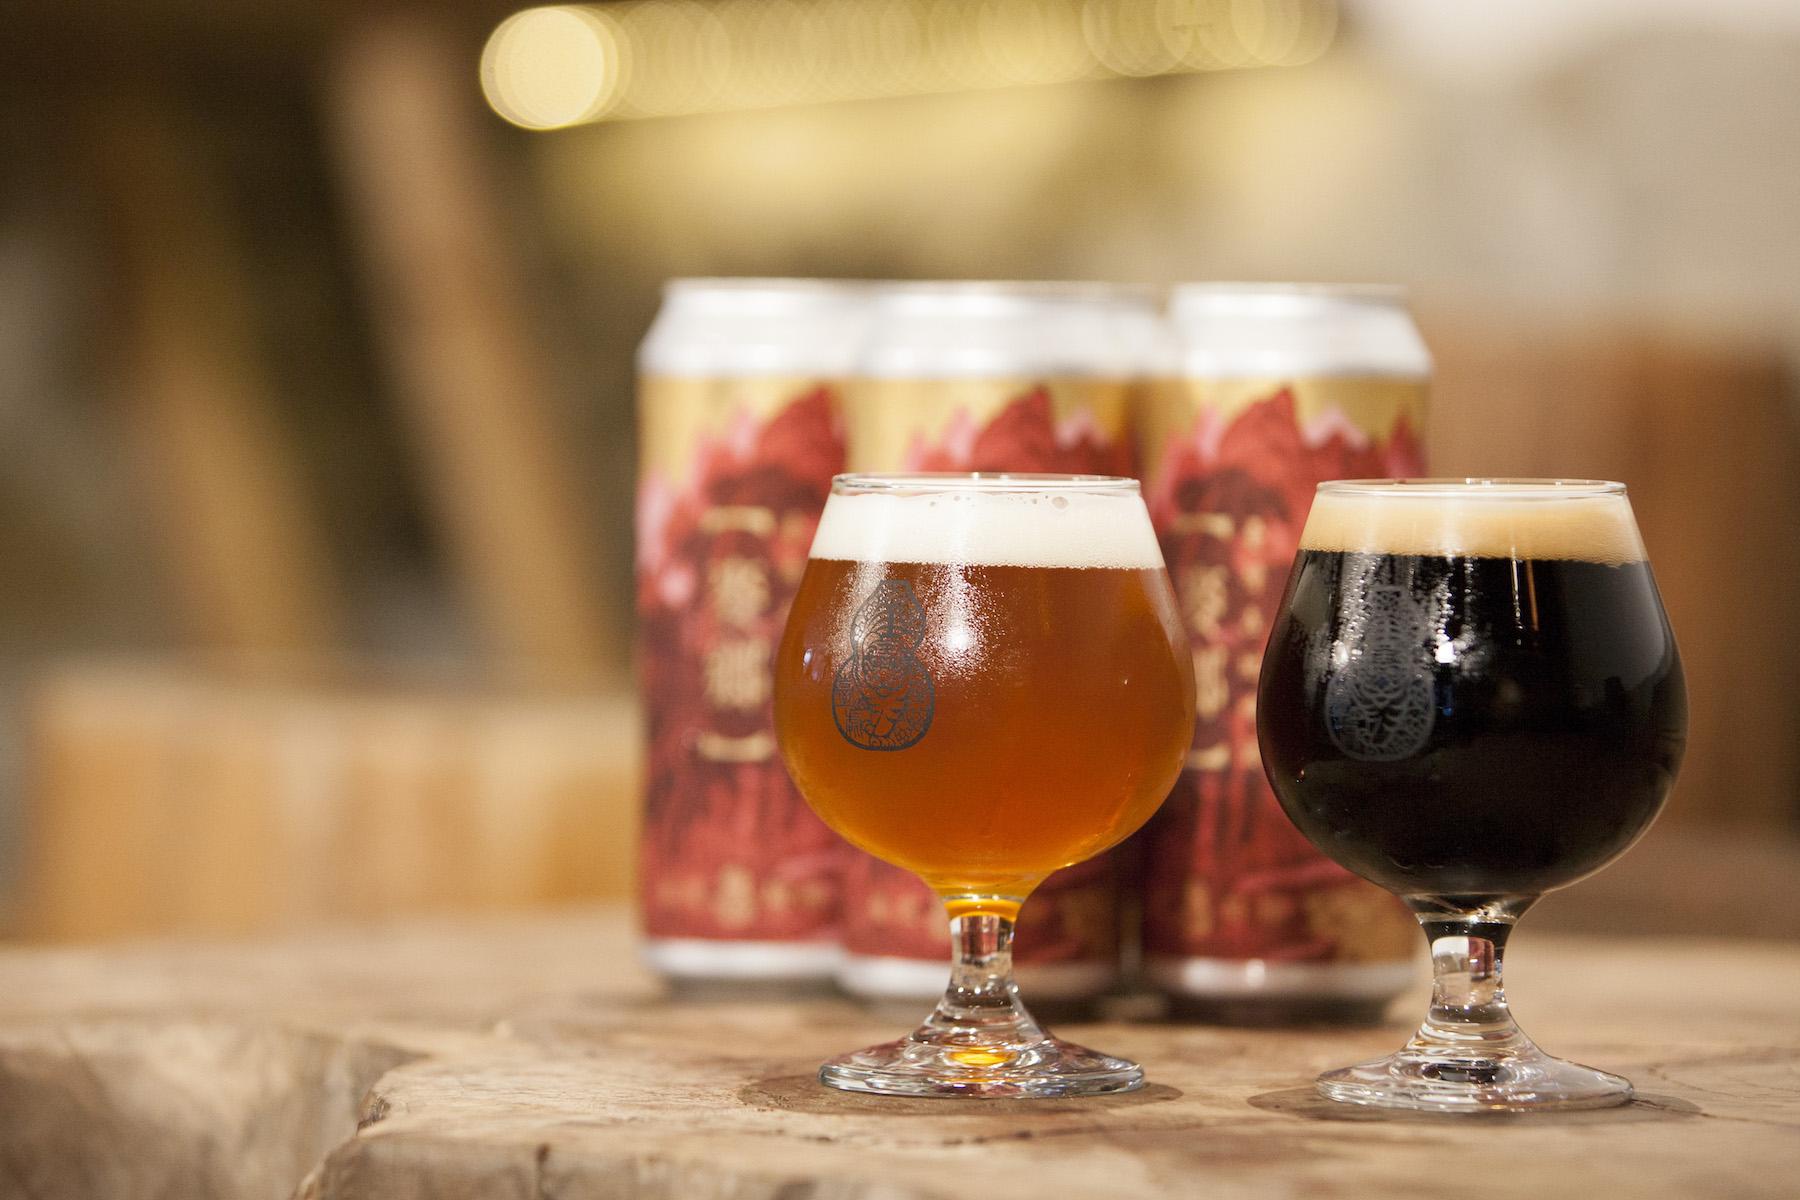 這不是伏特加,這是臺虎精釀推出的黑啤酒(右),帶有焦糖巧克力咖啡的香氣;另一杯IPA(左)則強調啤酒花香氣,飲用時可以聞到熱帶水果和花香味喔!